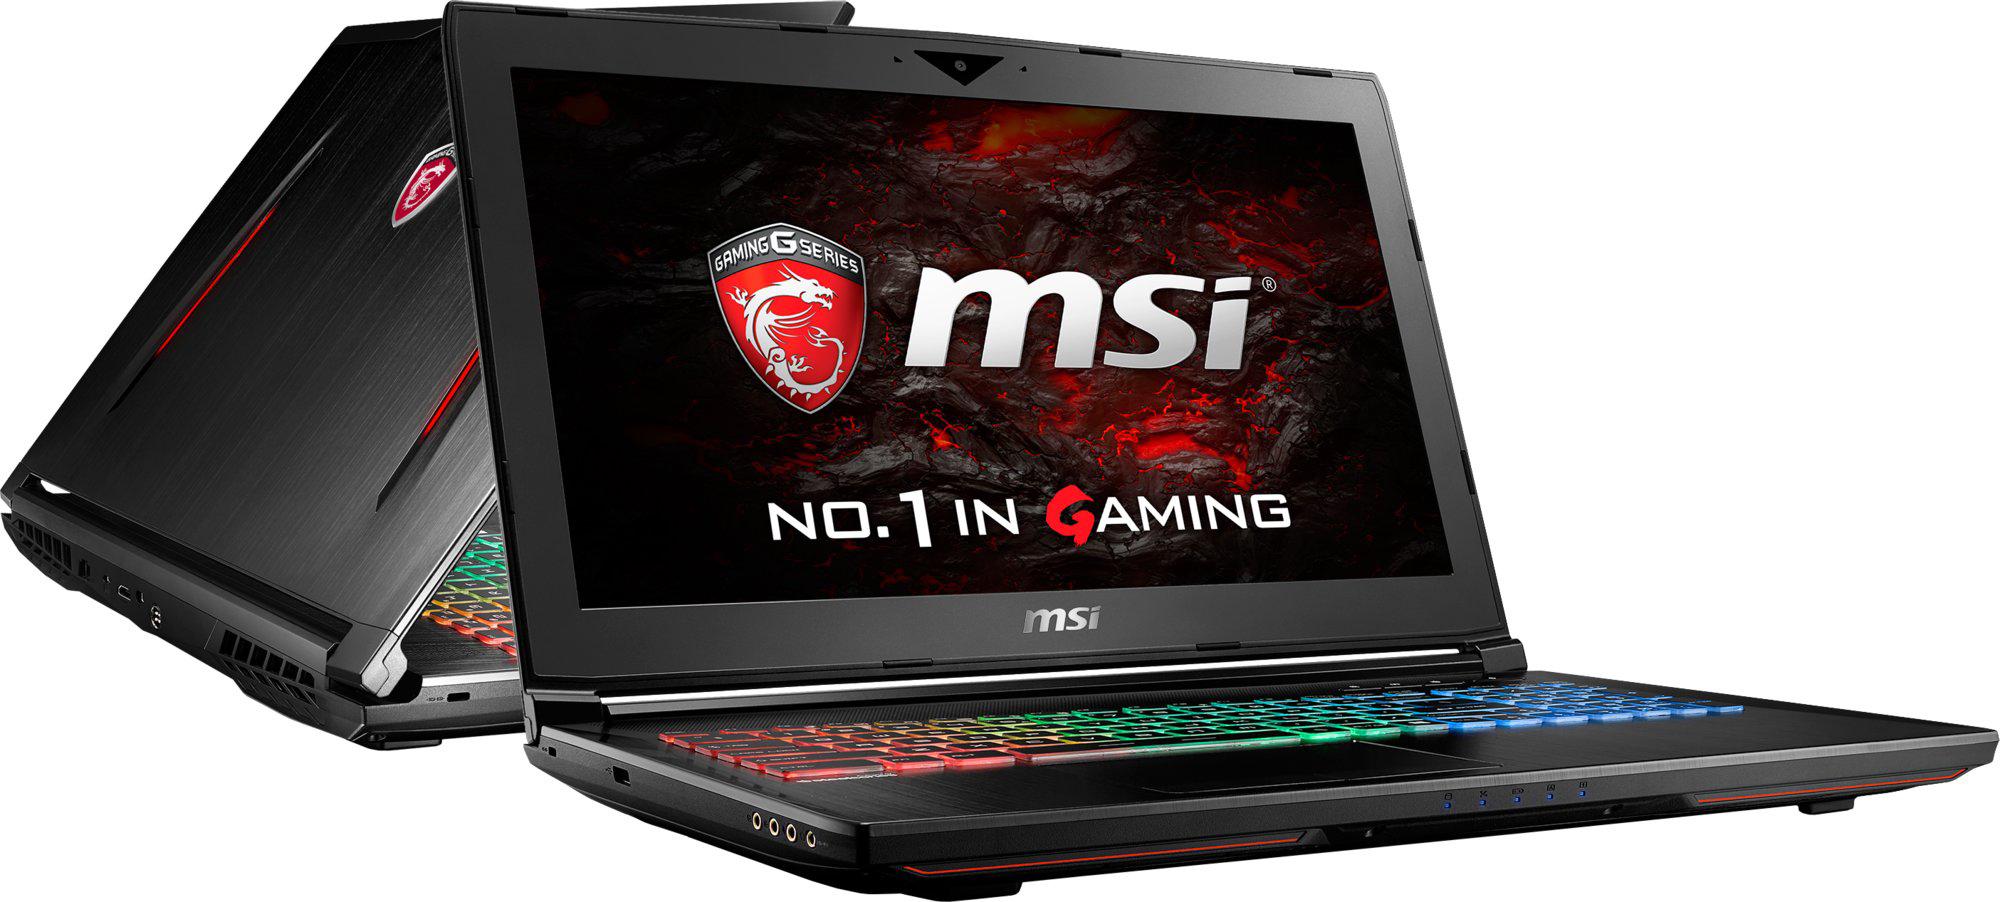 MSI GT62VR Dominator Pro 4K 7RE-257UK